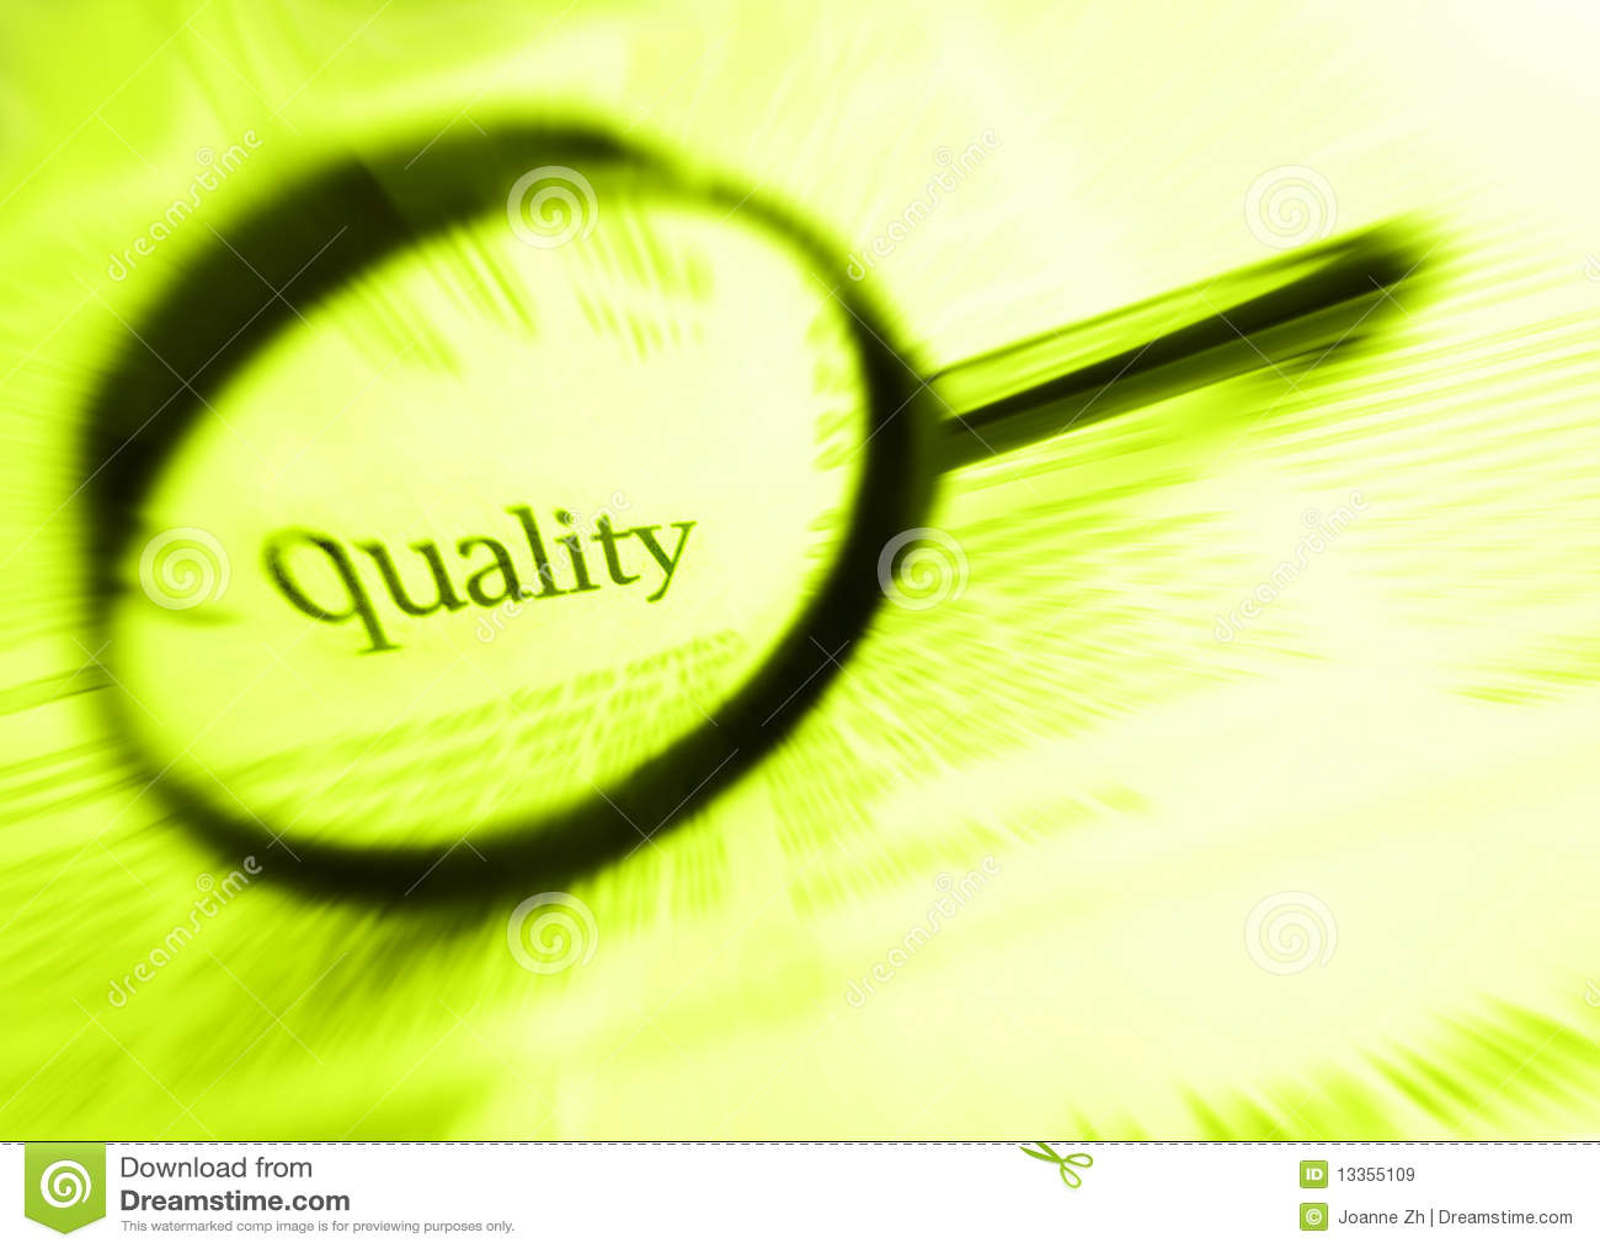 Het woord van de kwaliteit